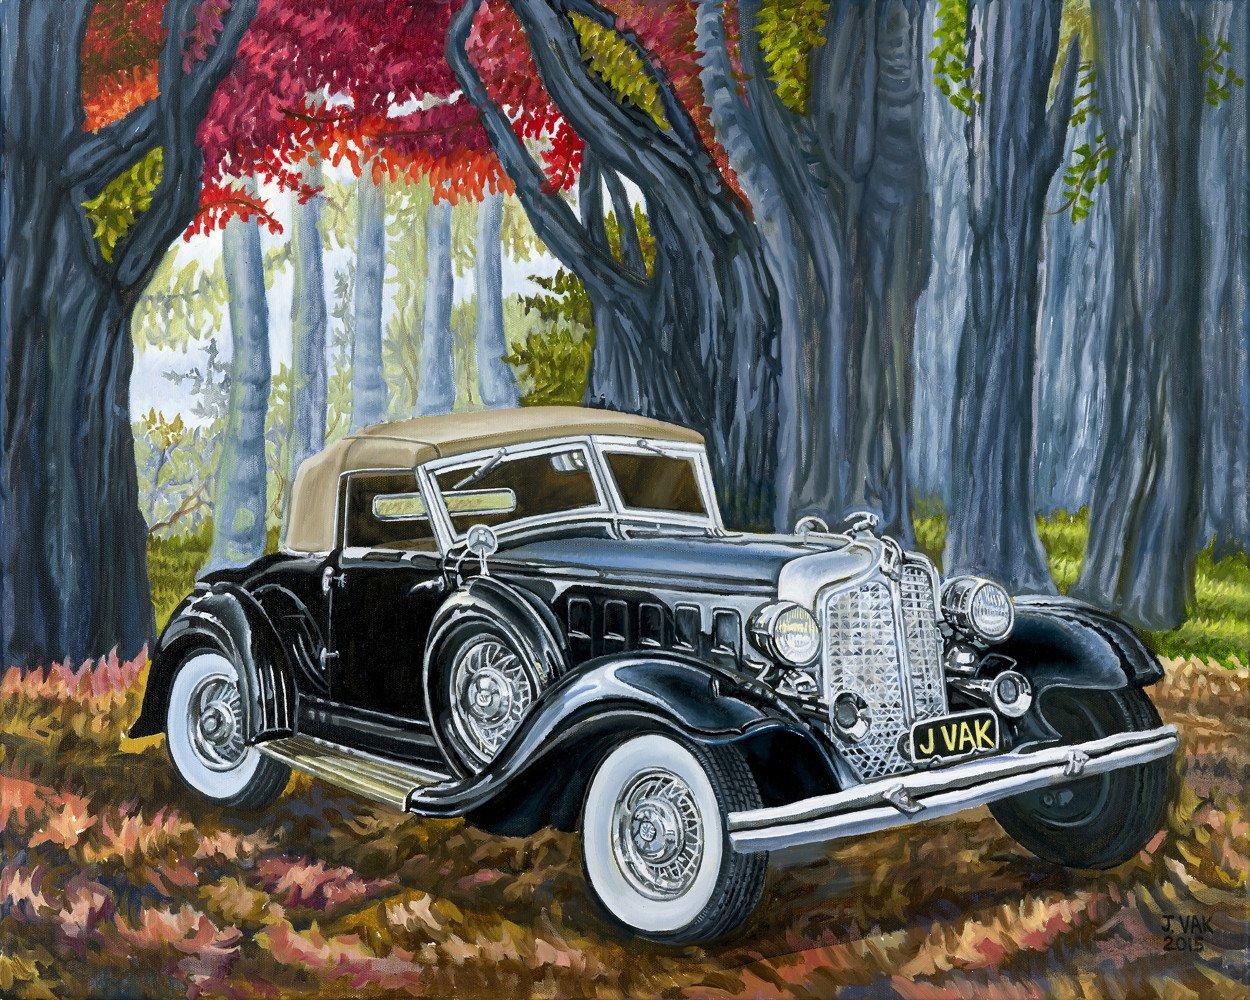 1932 Chrysler Imperial LeBaron         24 X 30 Original Oil                  $2800                    2015